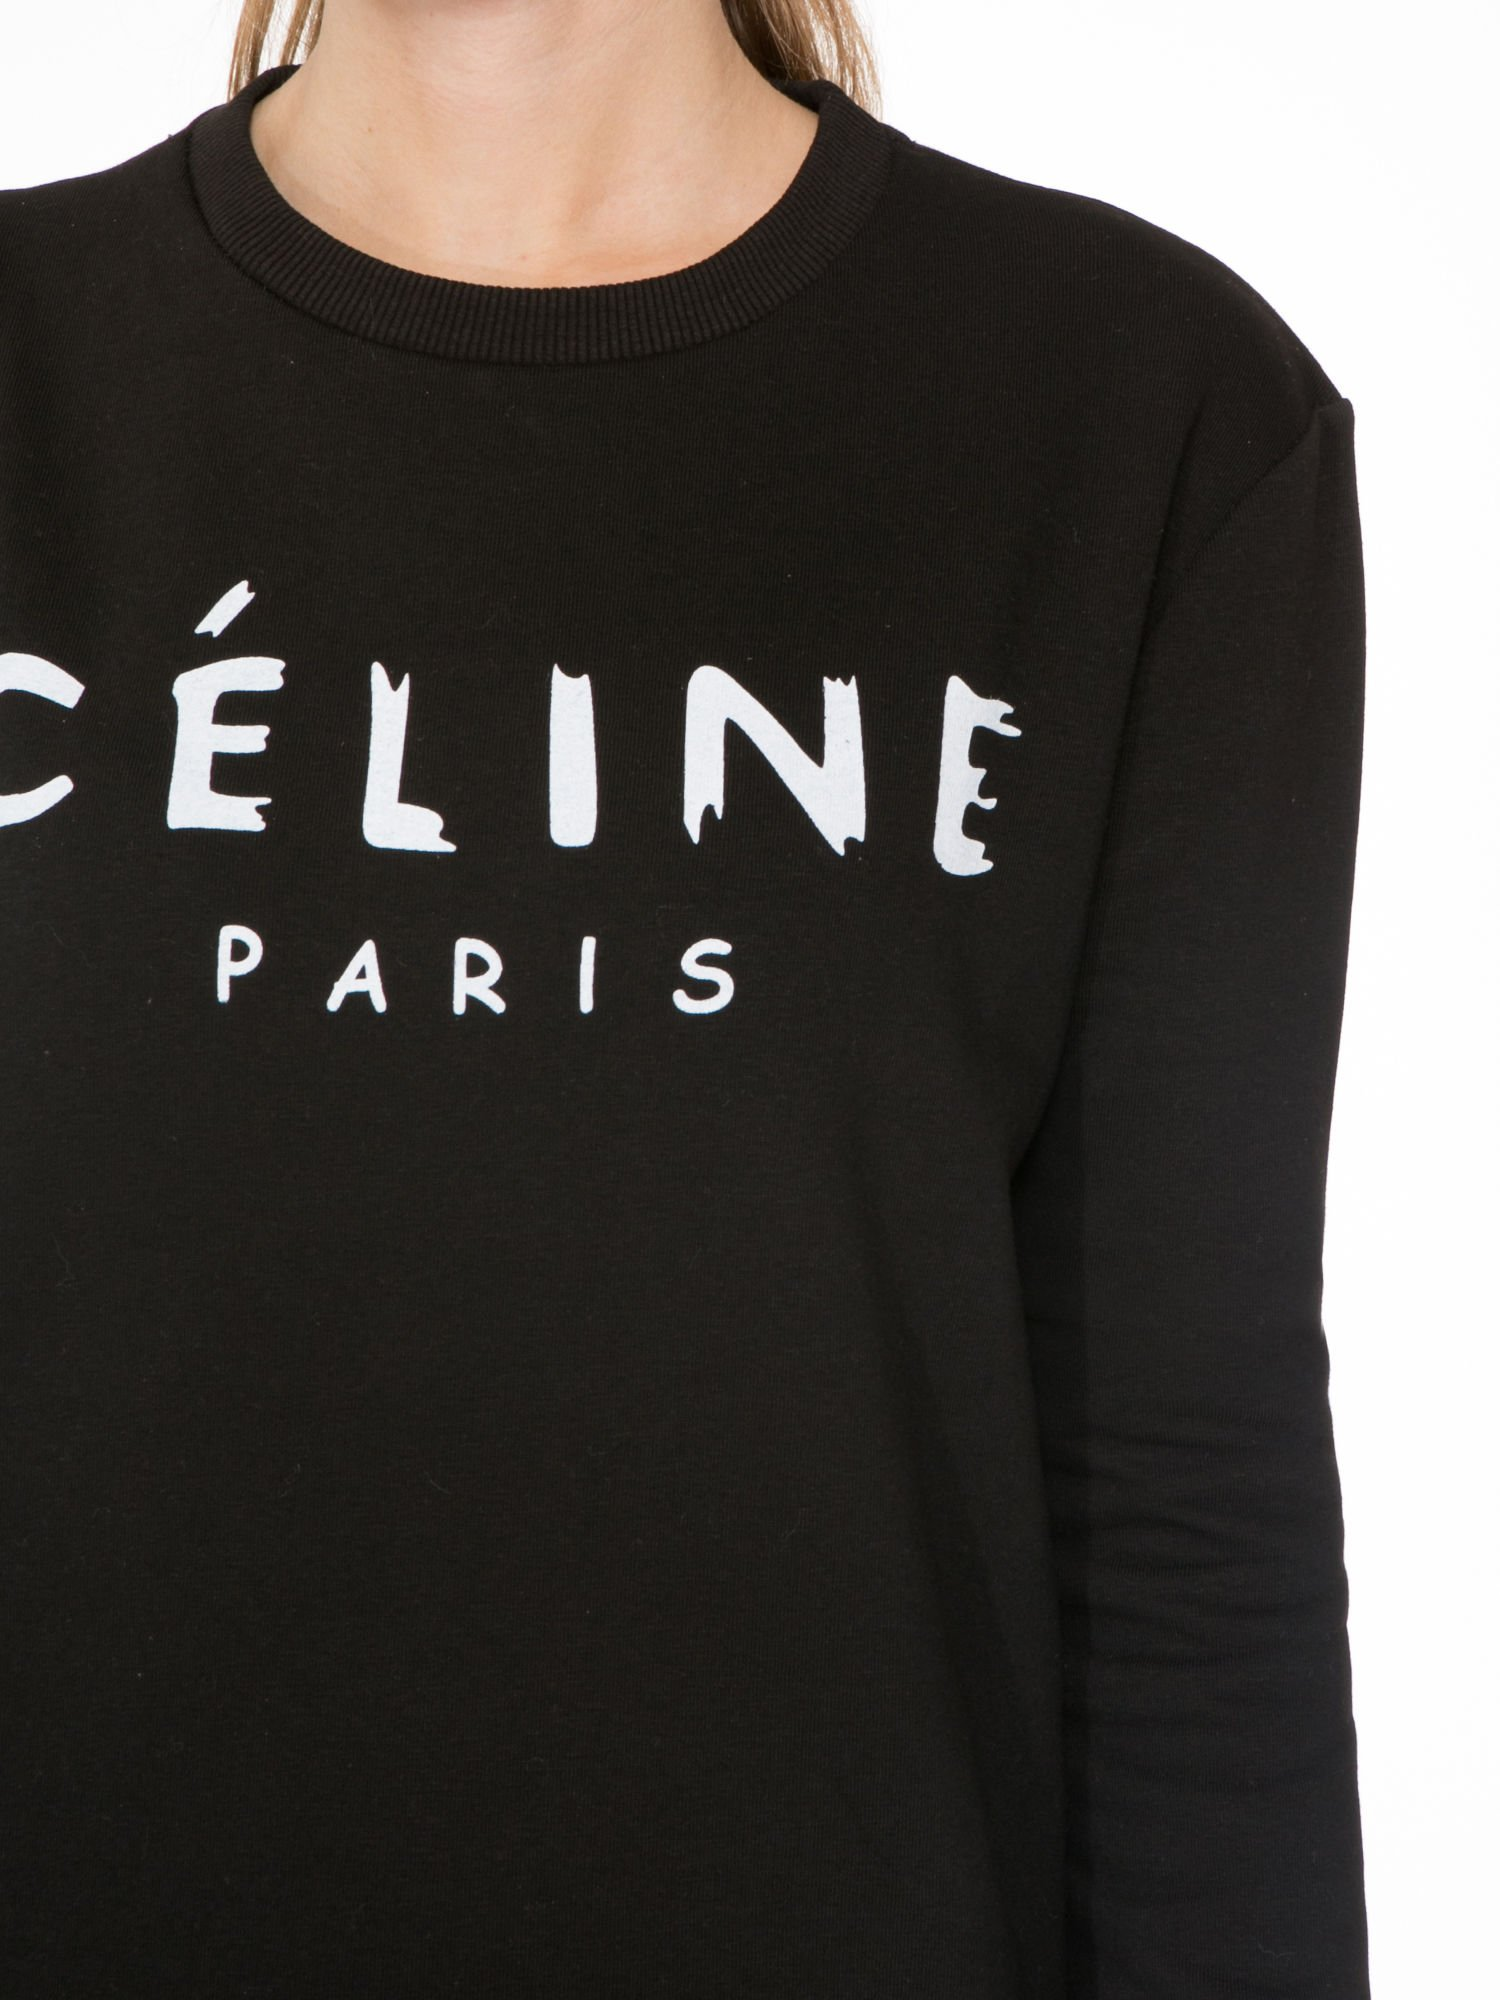 Czarna bluza z nadrukiem CÉLINE PARIS                                  zdj.                                  5